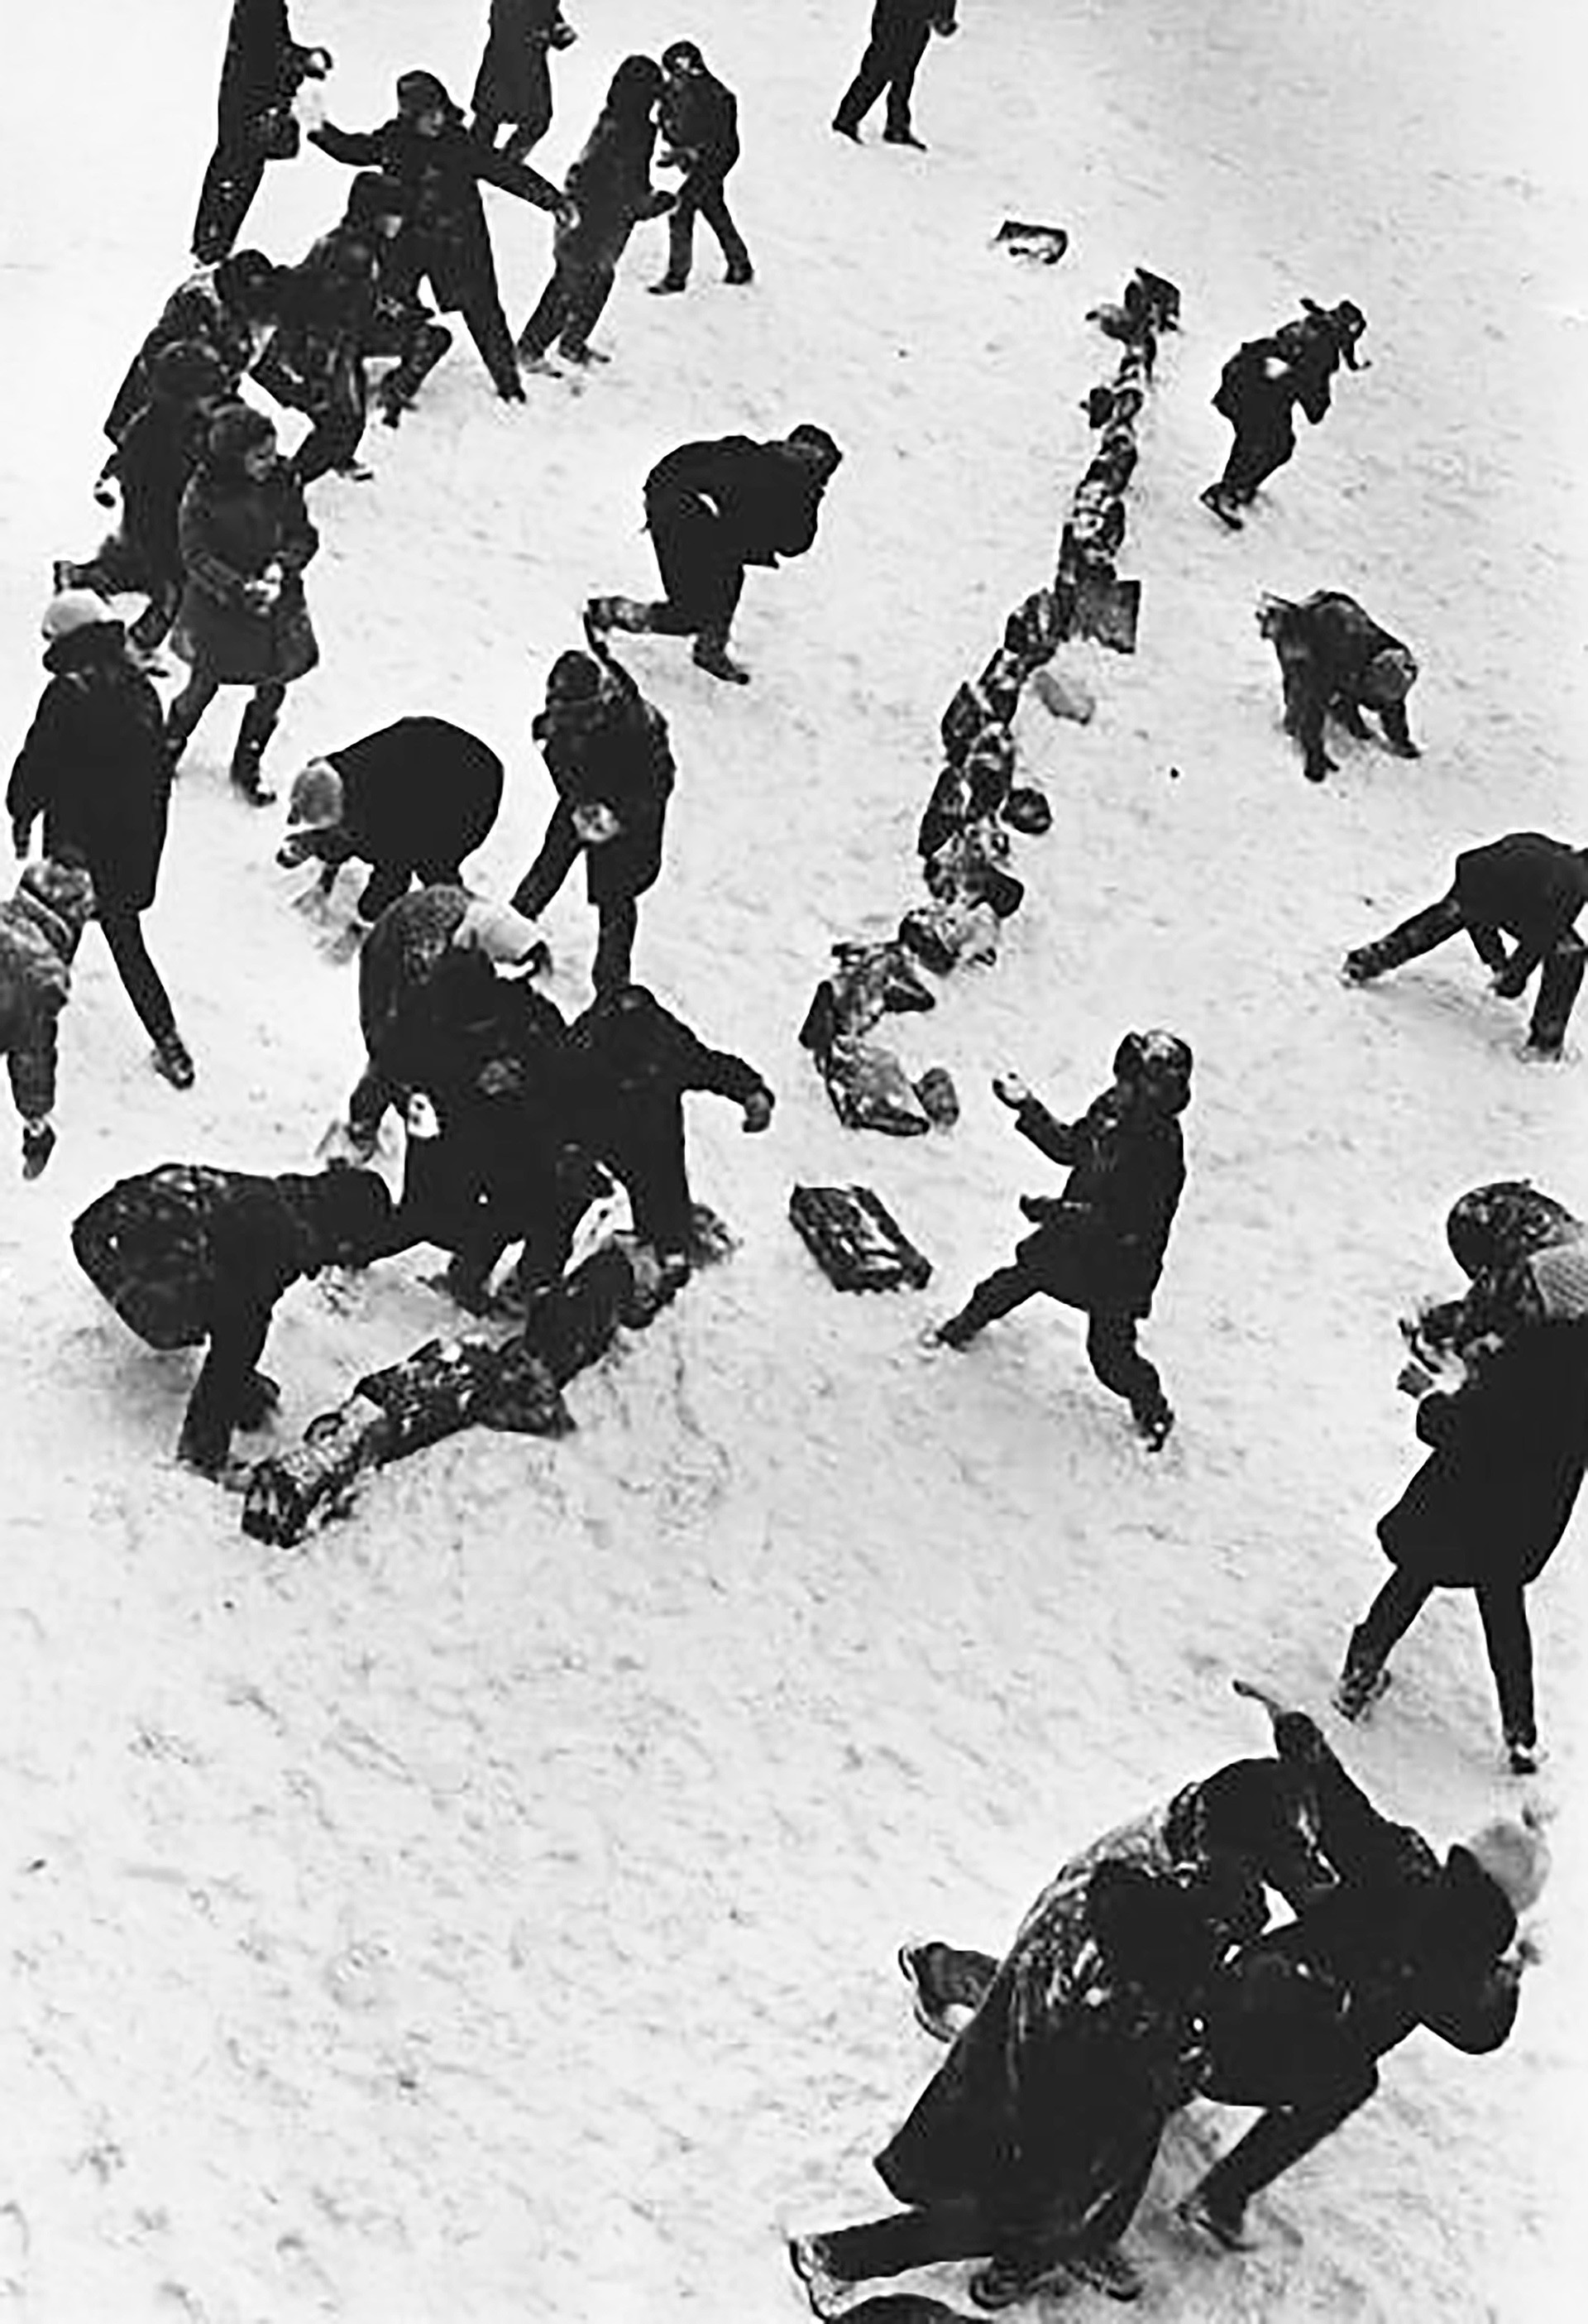 Schneeballschlachten sind natürlich das Erste, das Klein (und Groß) mit dem ersten Schnee einfallen!